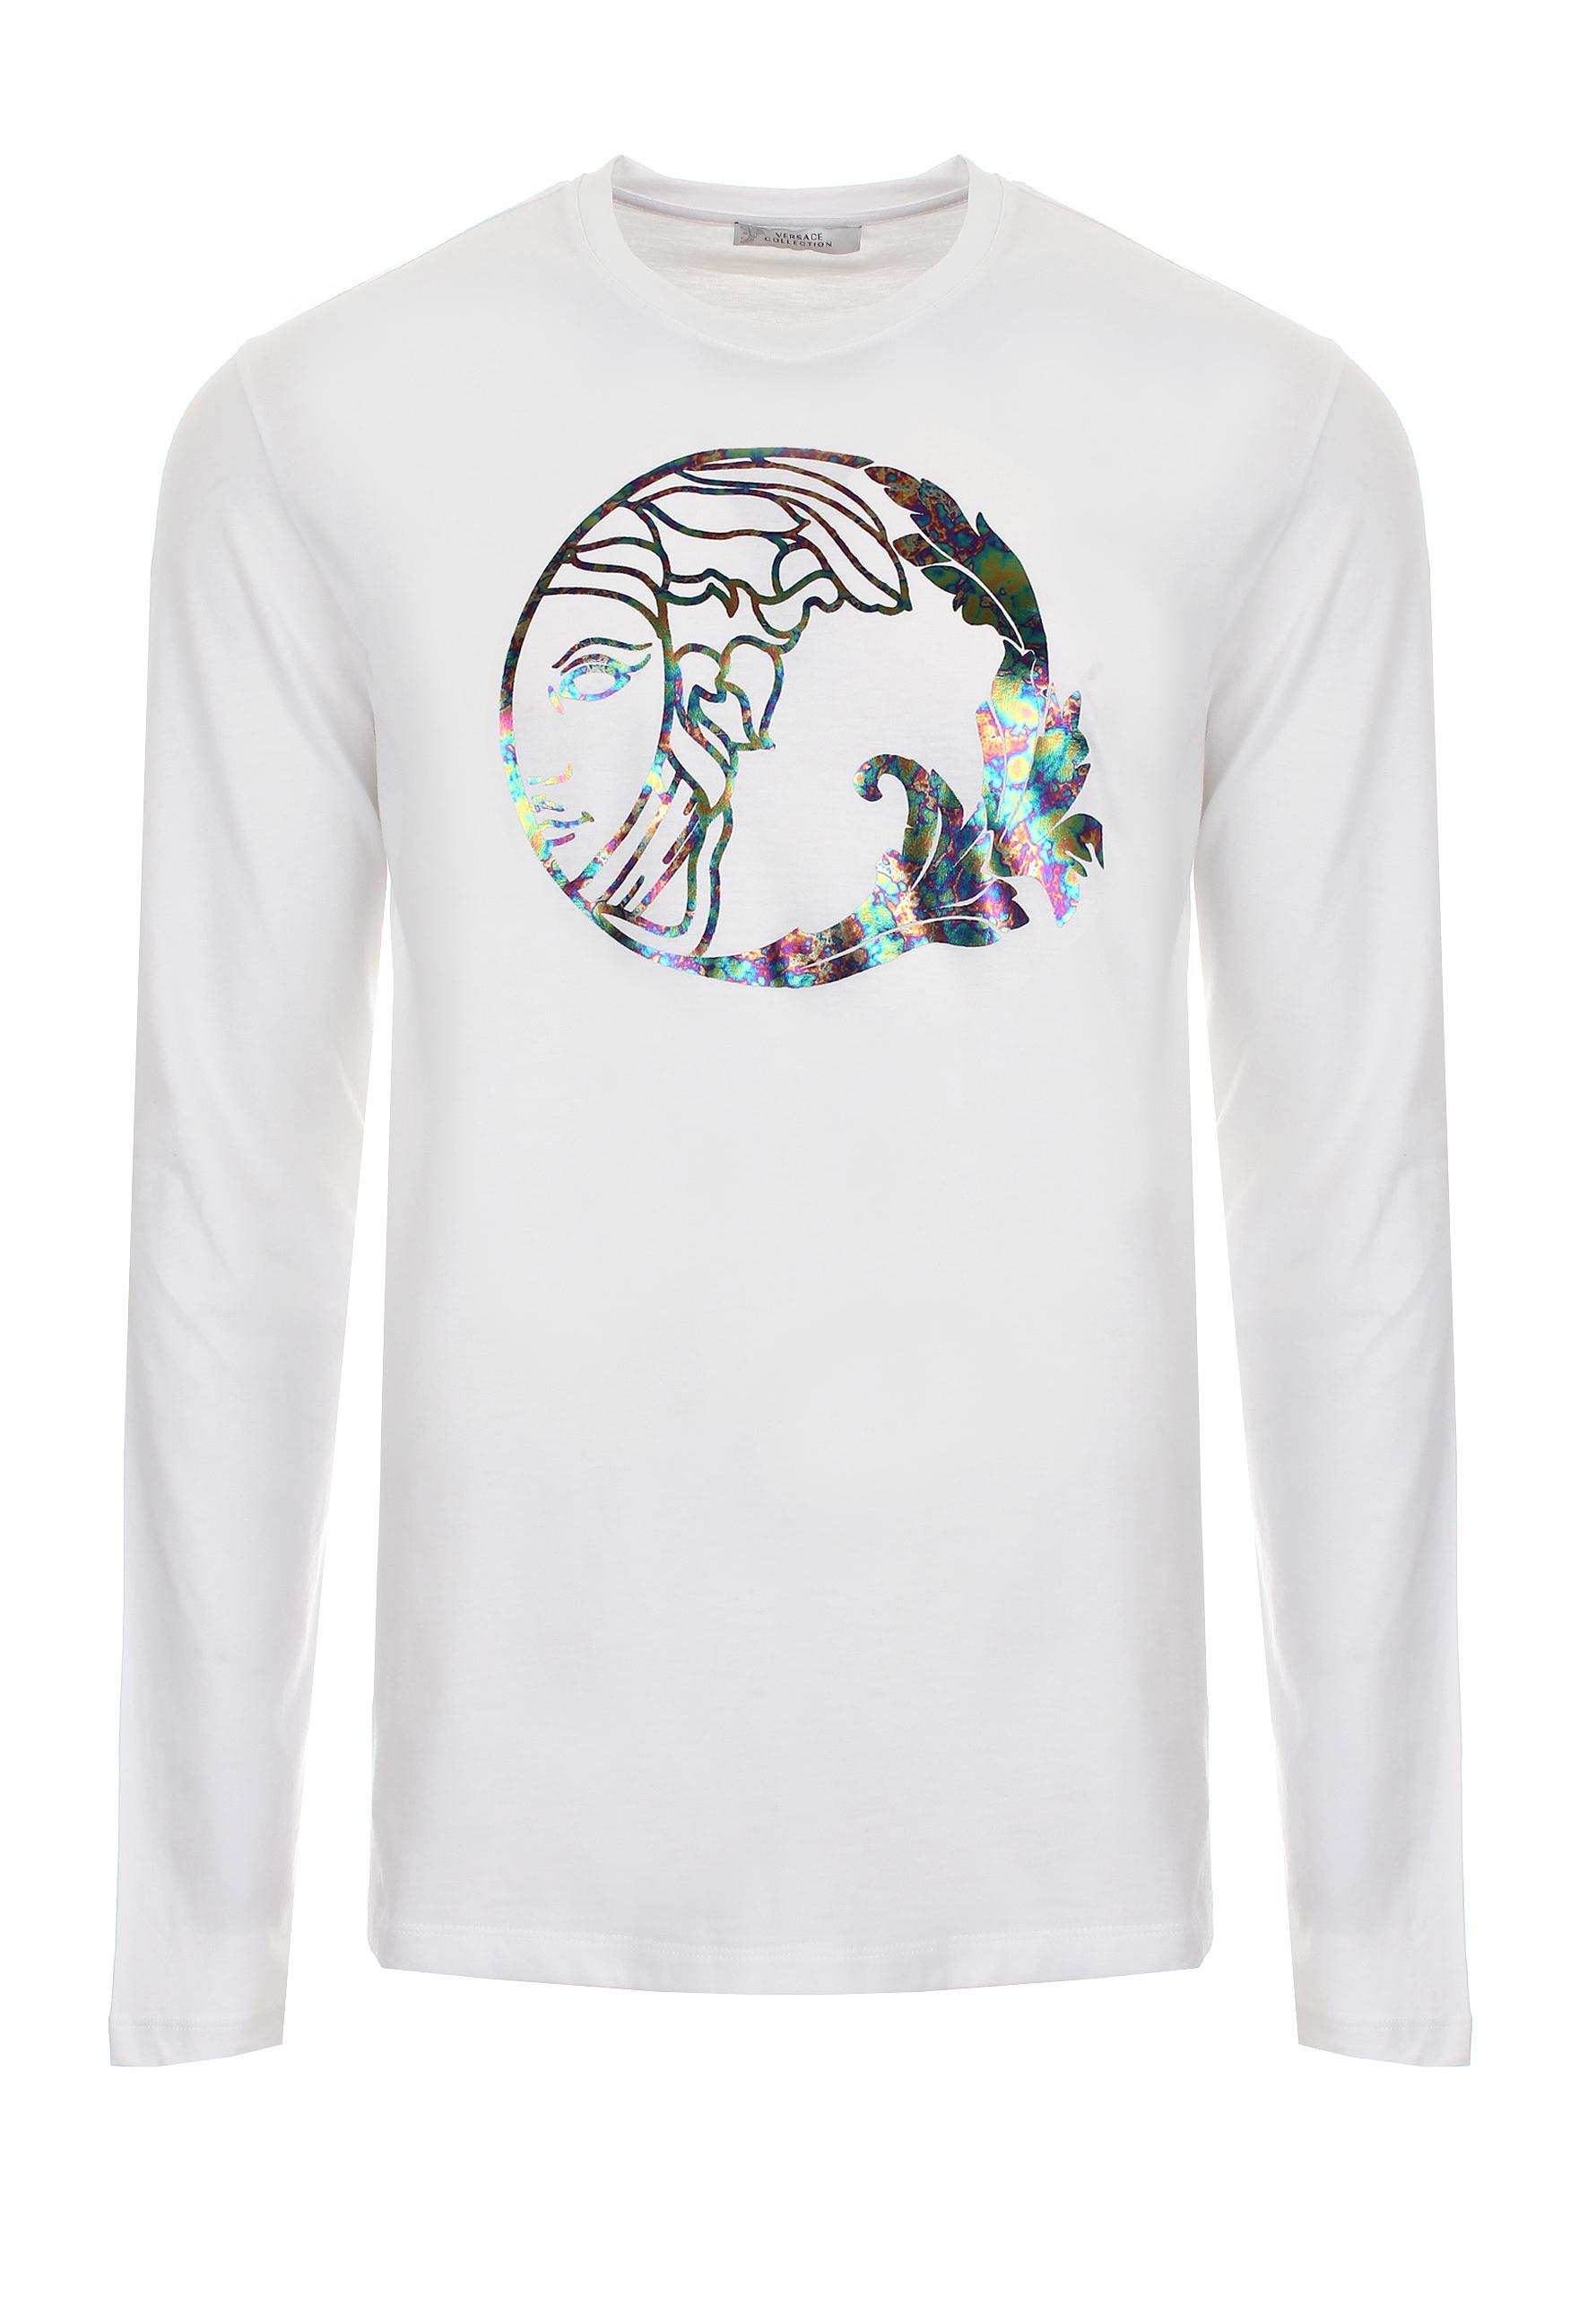 8030e4d8 Versace Holograph Medusa Long Sleeve T-shirt White in White for Men ...